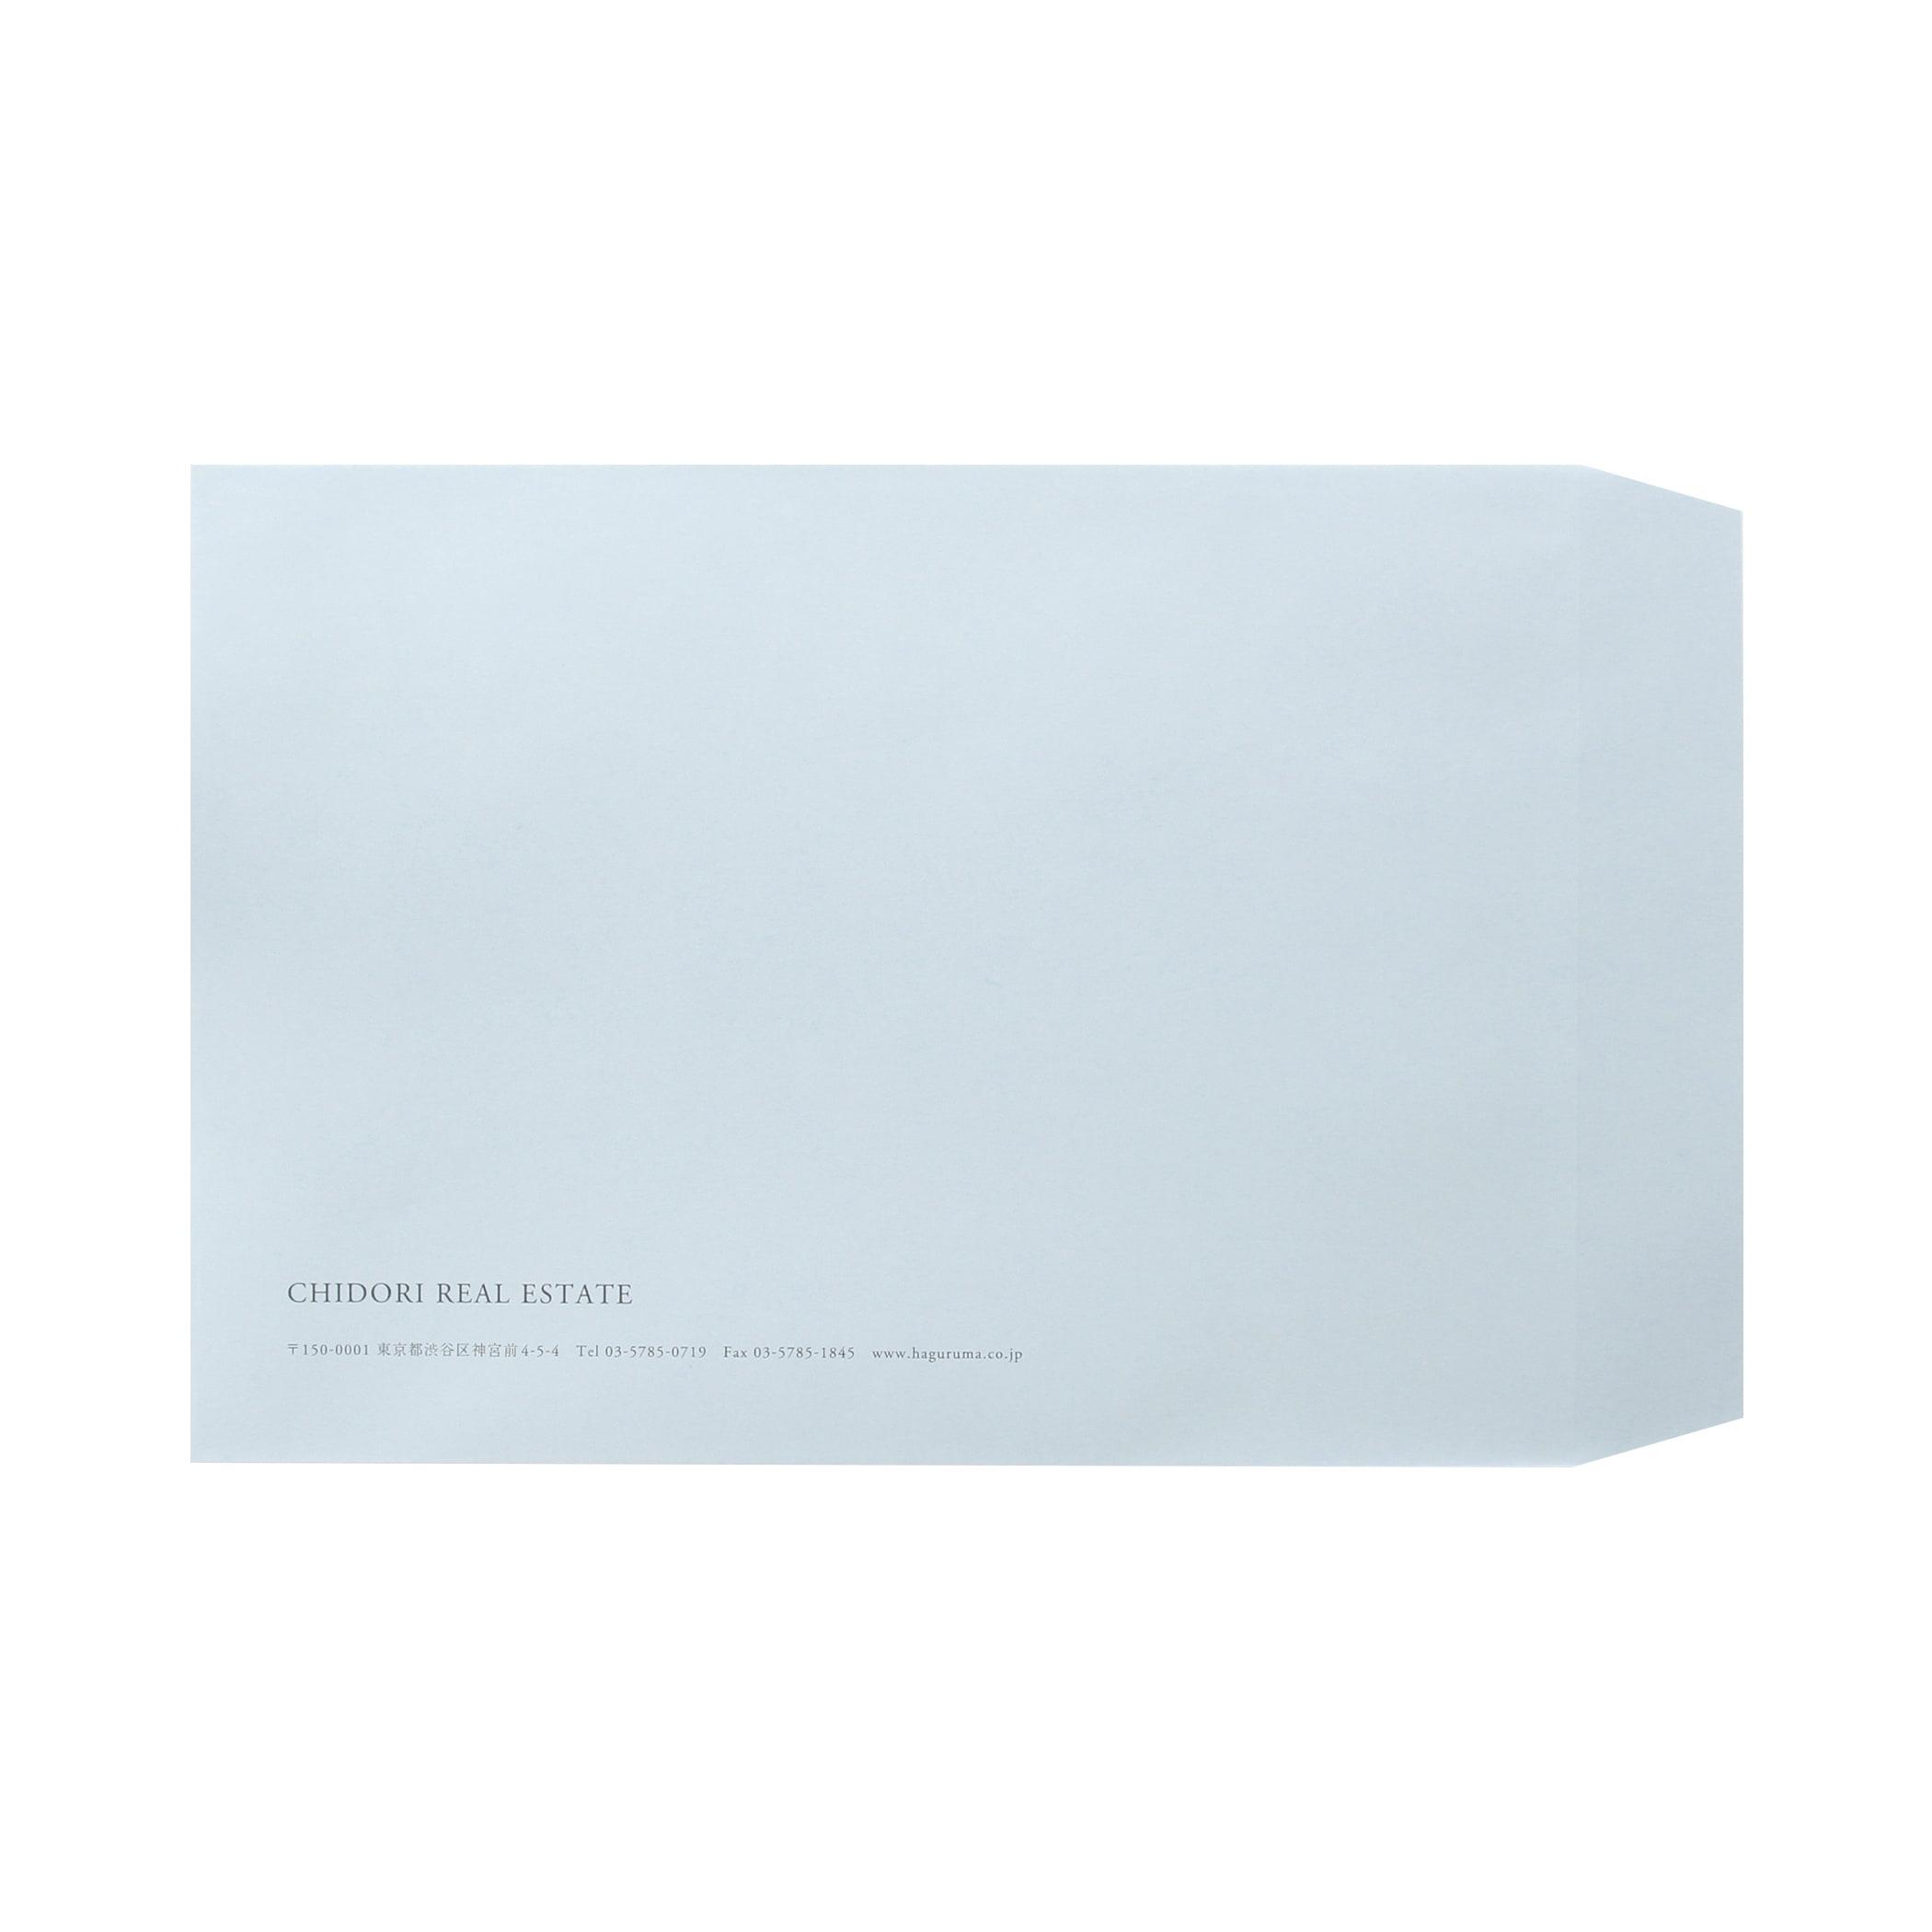 サンプル 封筒・袋 00048